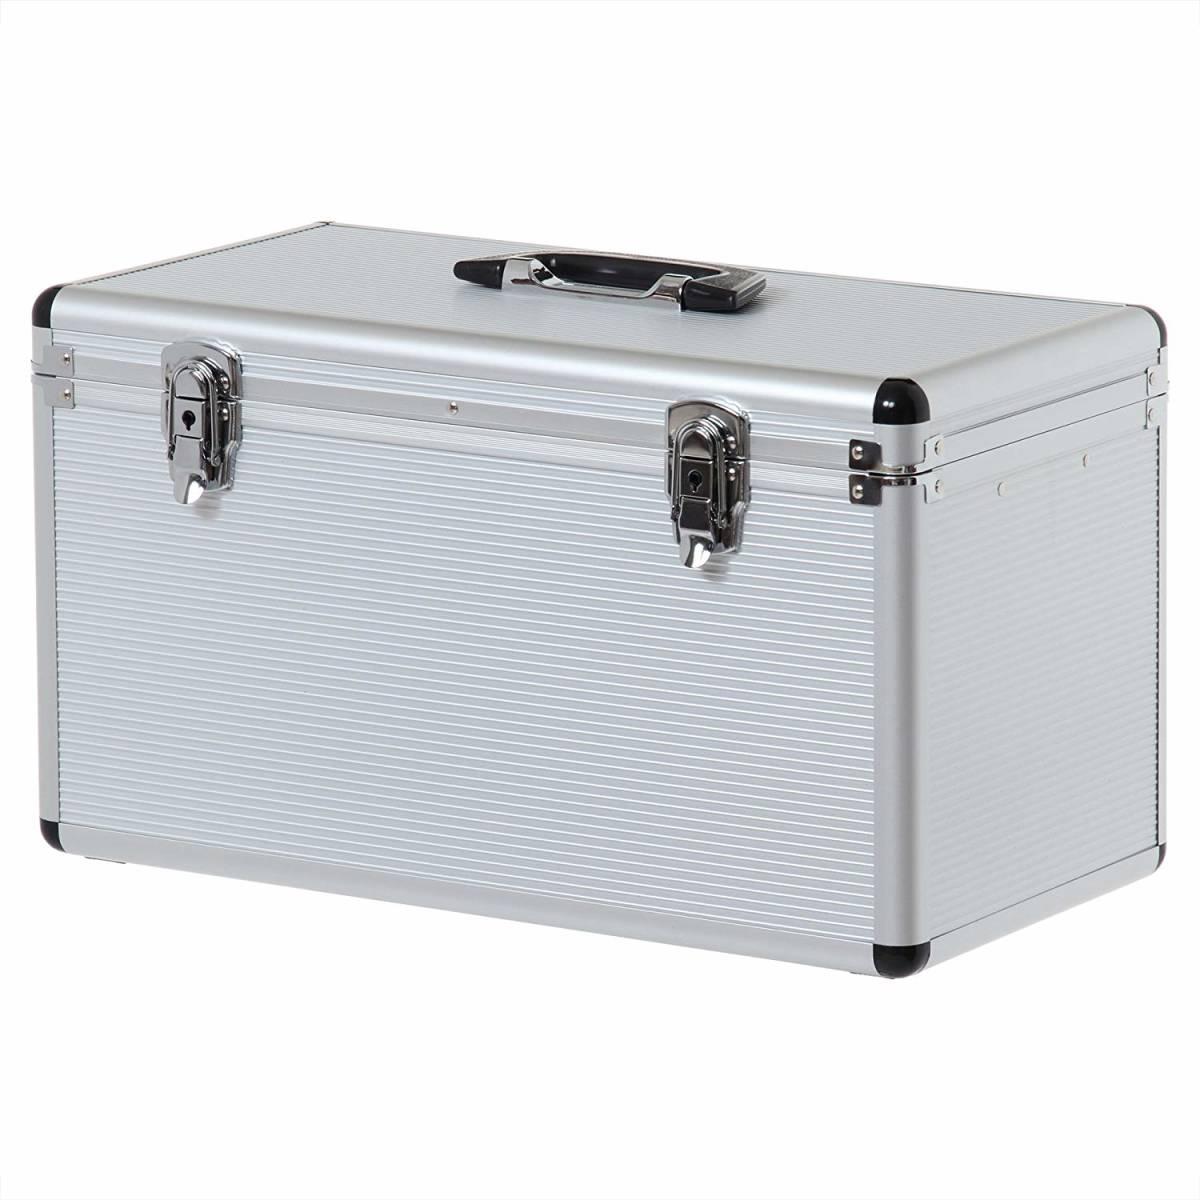 【未使用】 アイリスオーヤマ アルミケース ソリッドケース 工具収納ケース 工具箱 W約50×D約27.5×H約30.5cm SLC-50T C-179_画像1